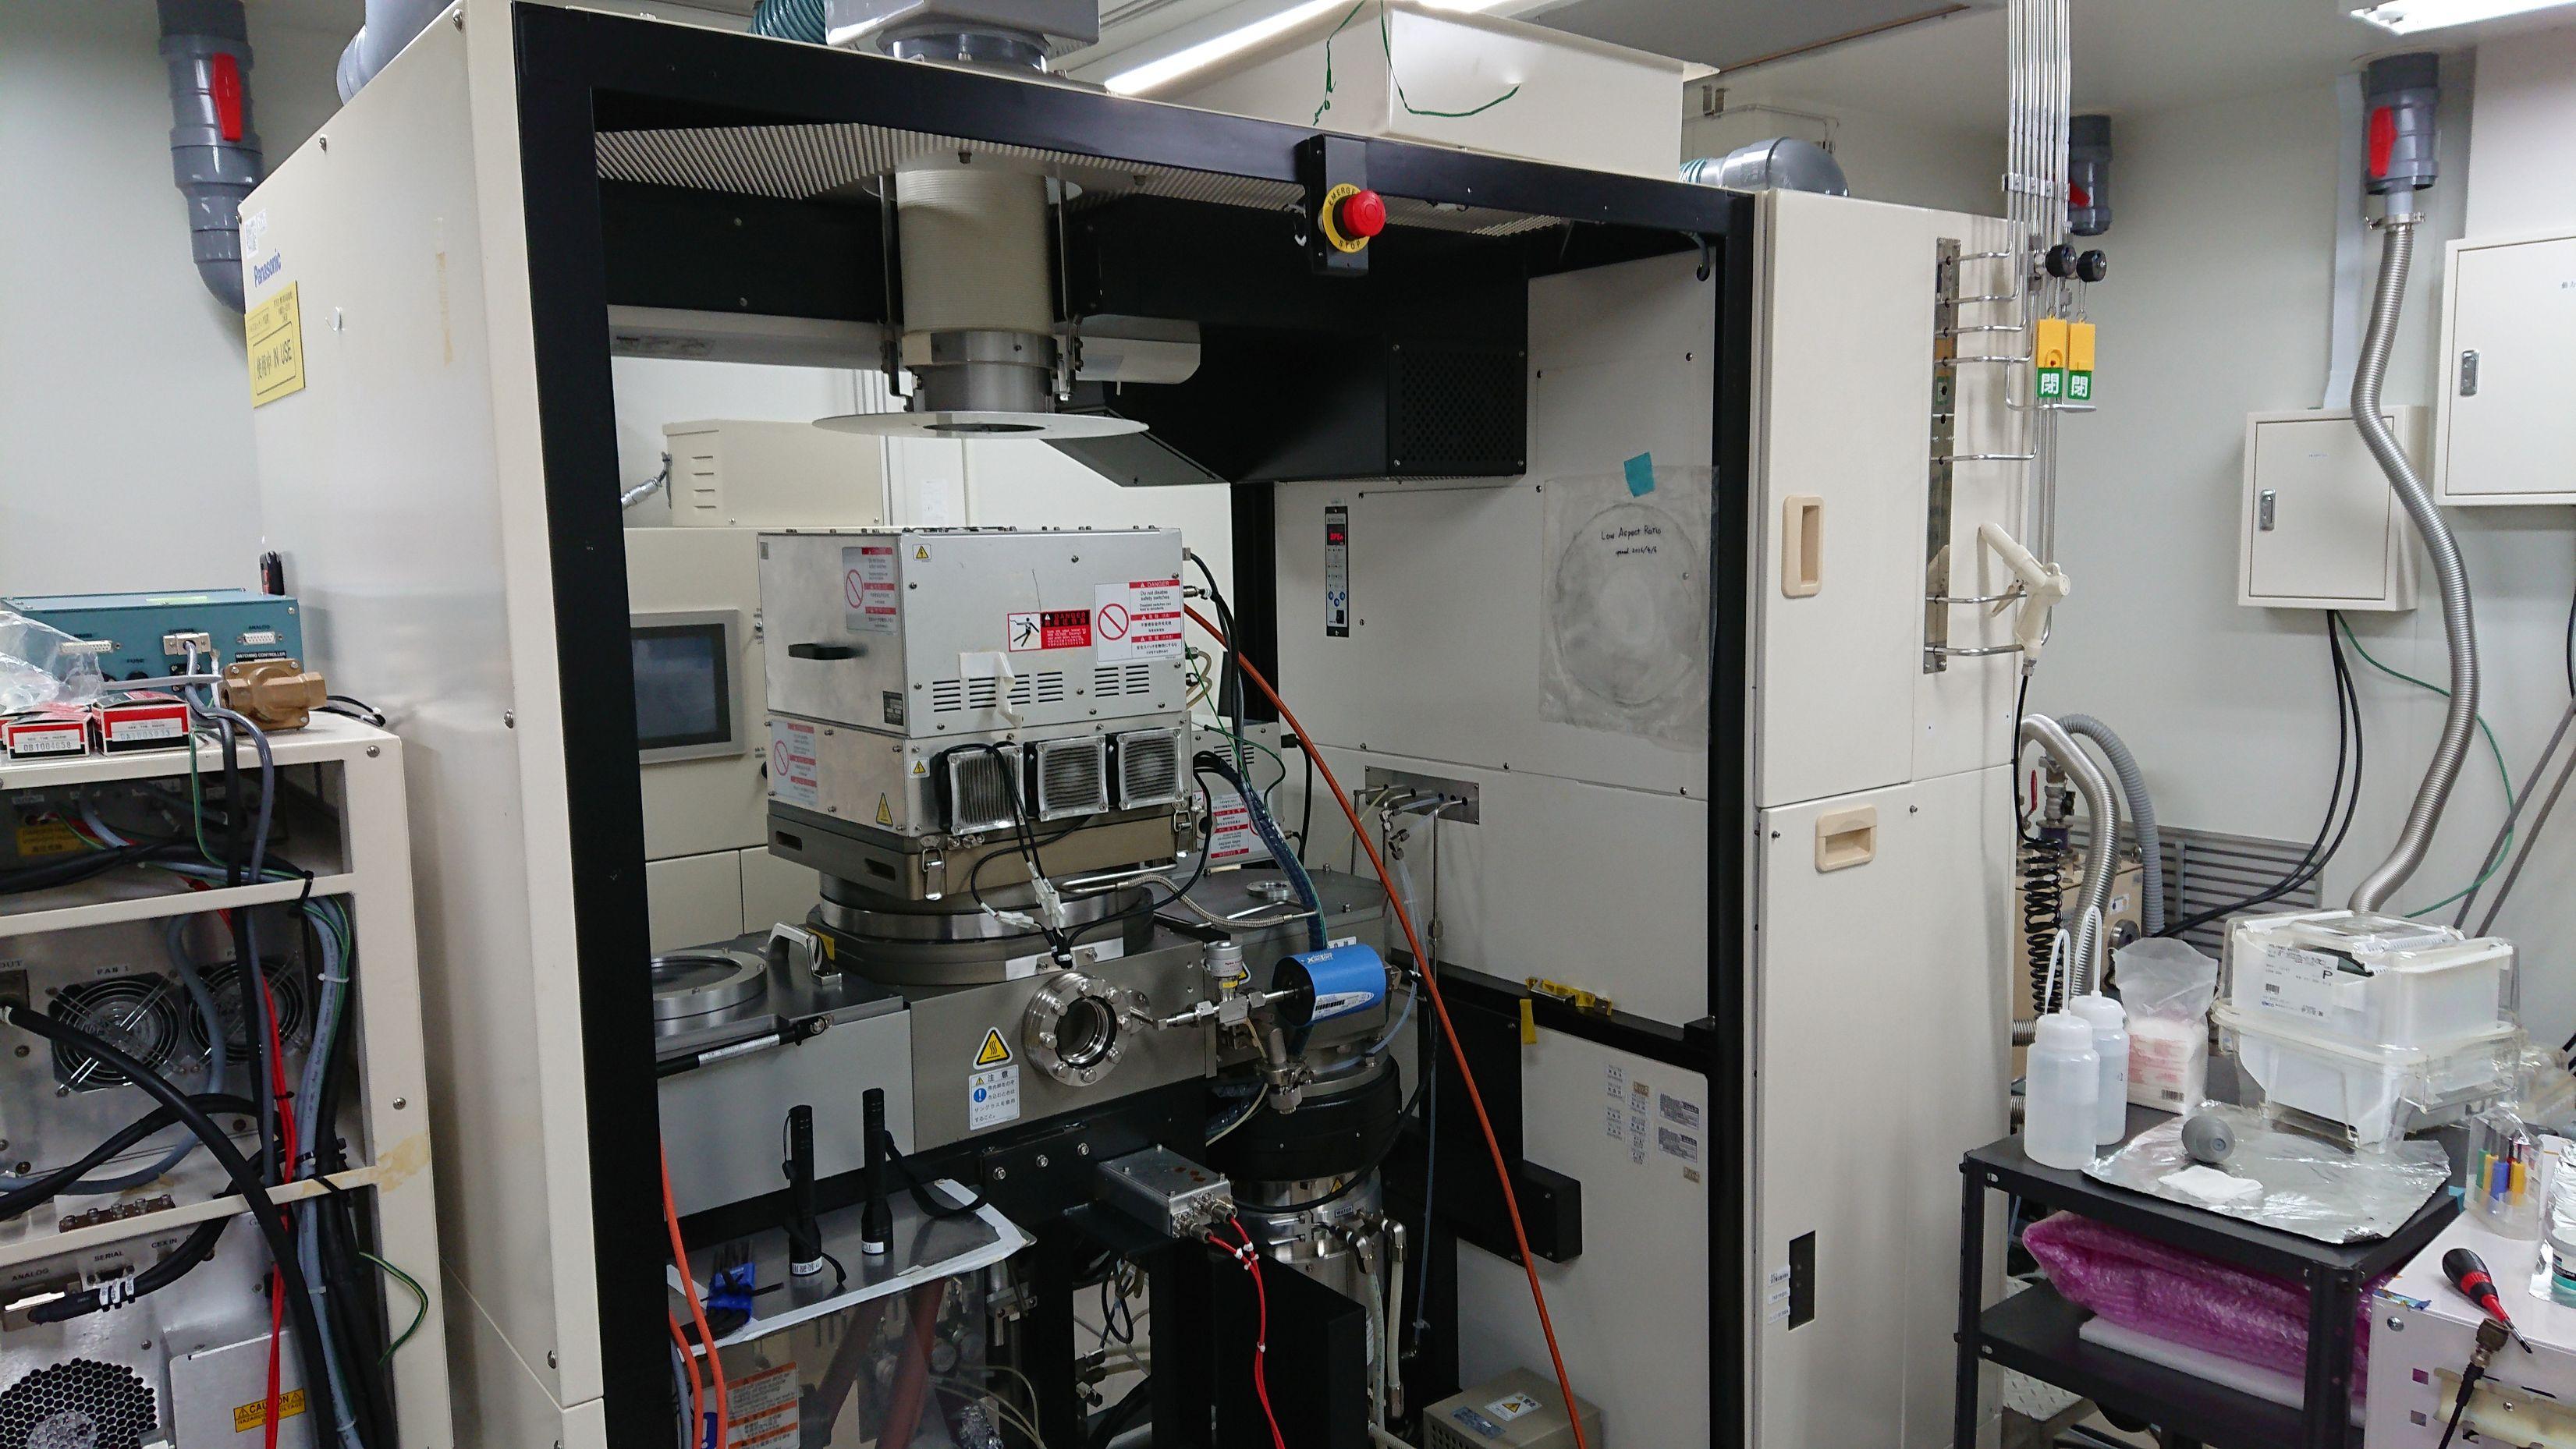 [413] 中性粒子ビームエッチング装置 画像